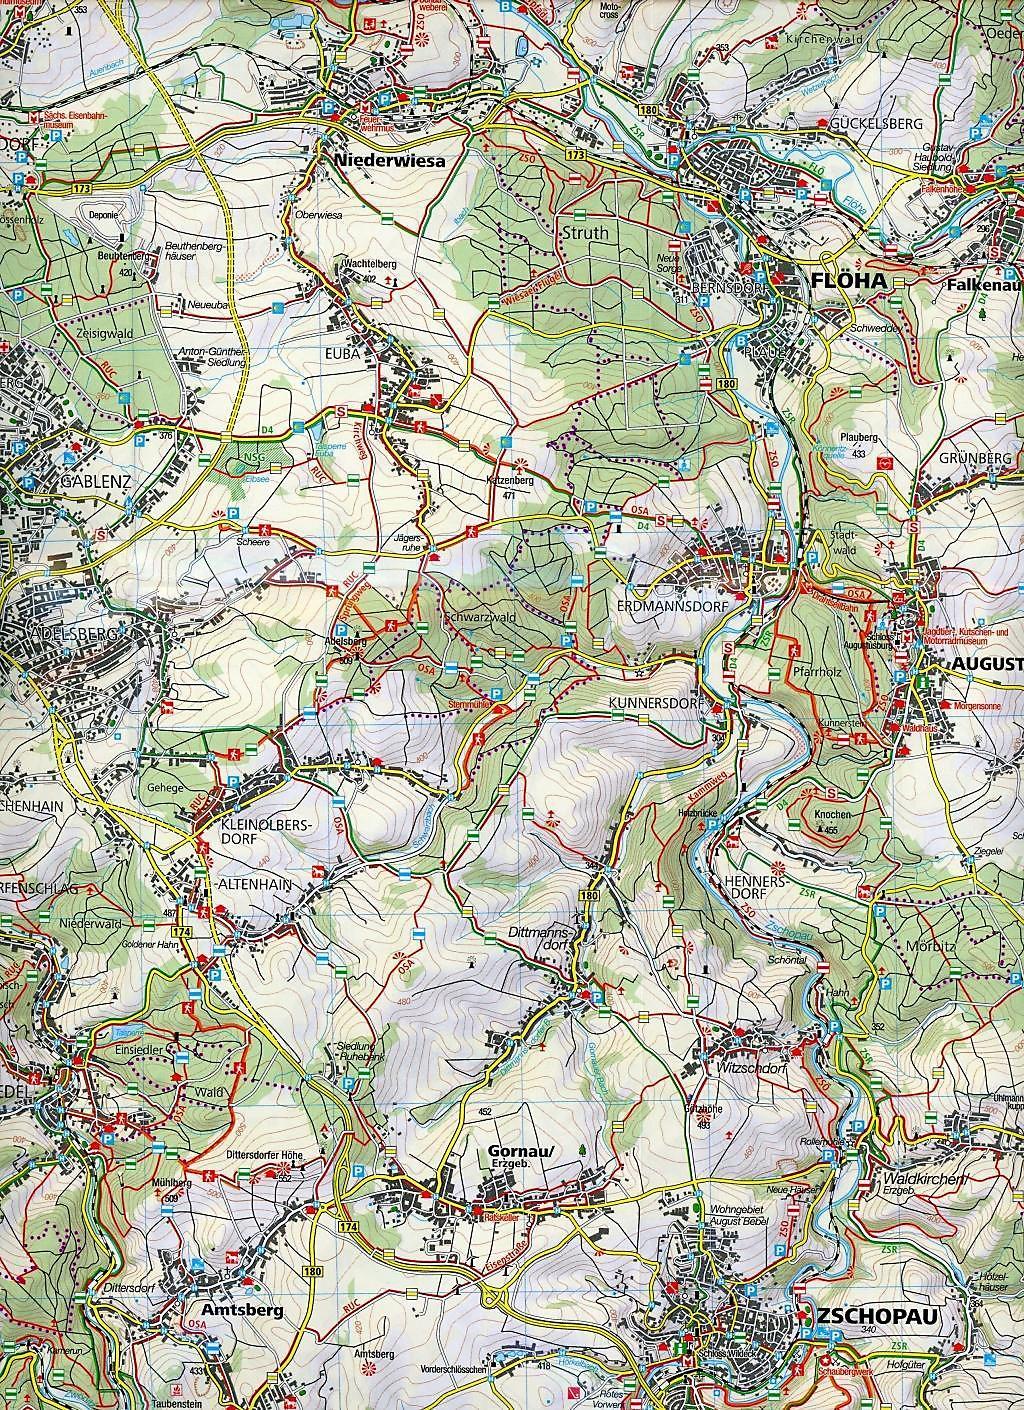 Karte Chemnitz.Kompass Karte Chemnitz Und Umgebung Buch Bestellen Weltbild De